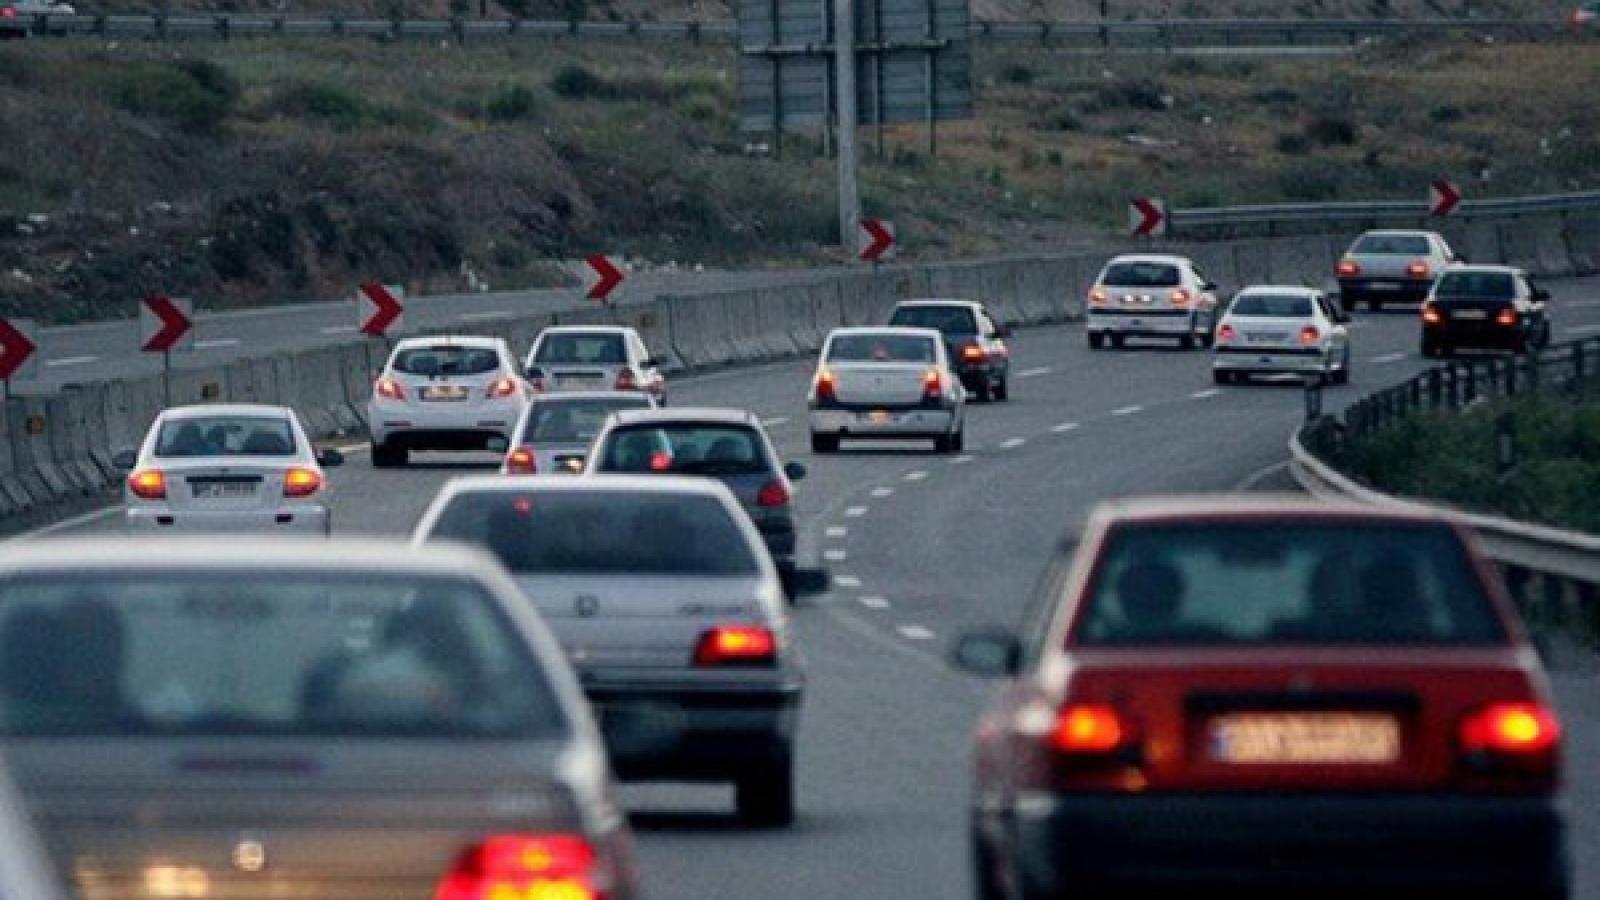 رصد شبانه روزی نقاط حساس ترافیکی در منطقه 10 تهران - اجاره خودرو طباطبایی